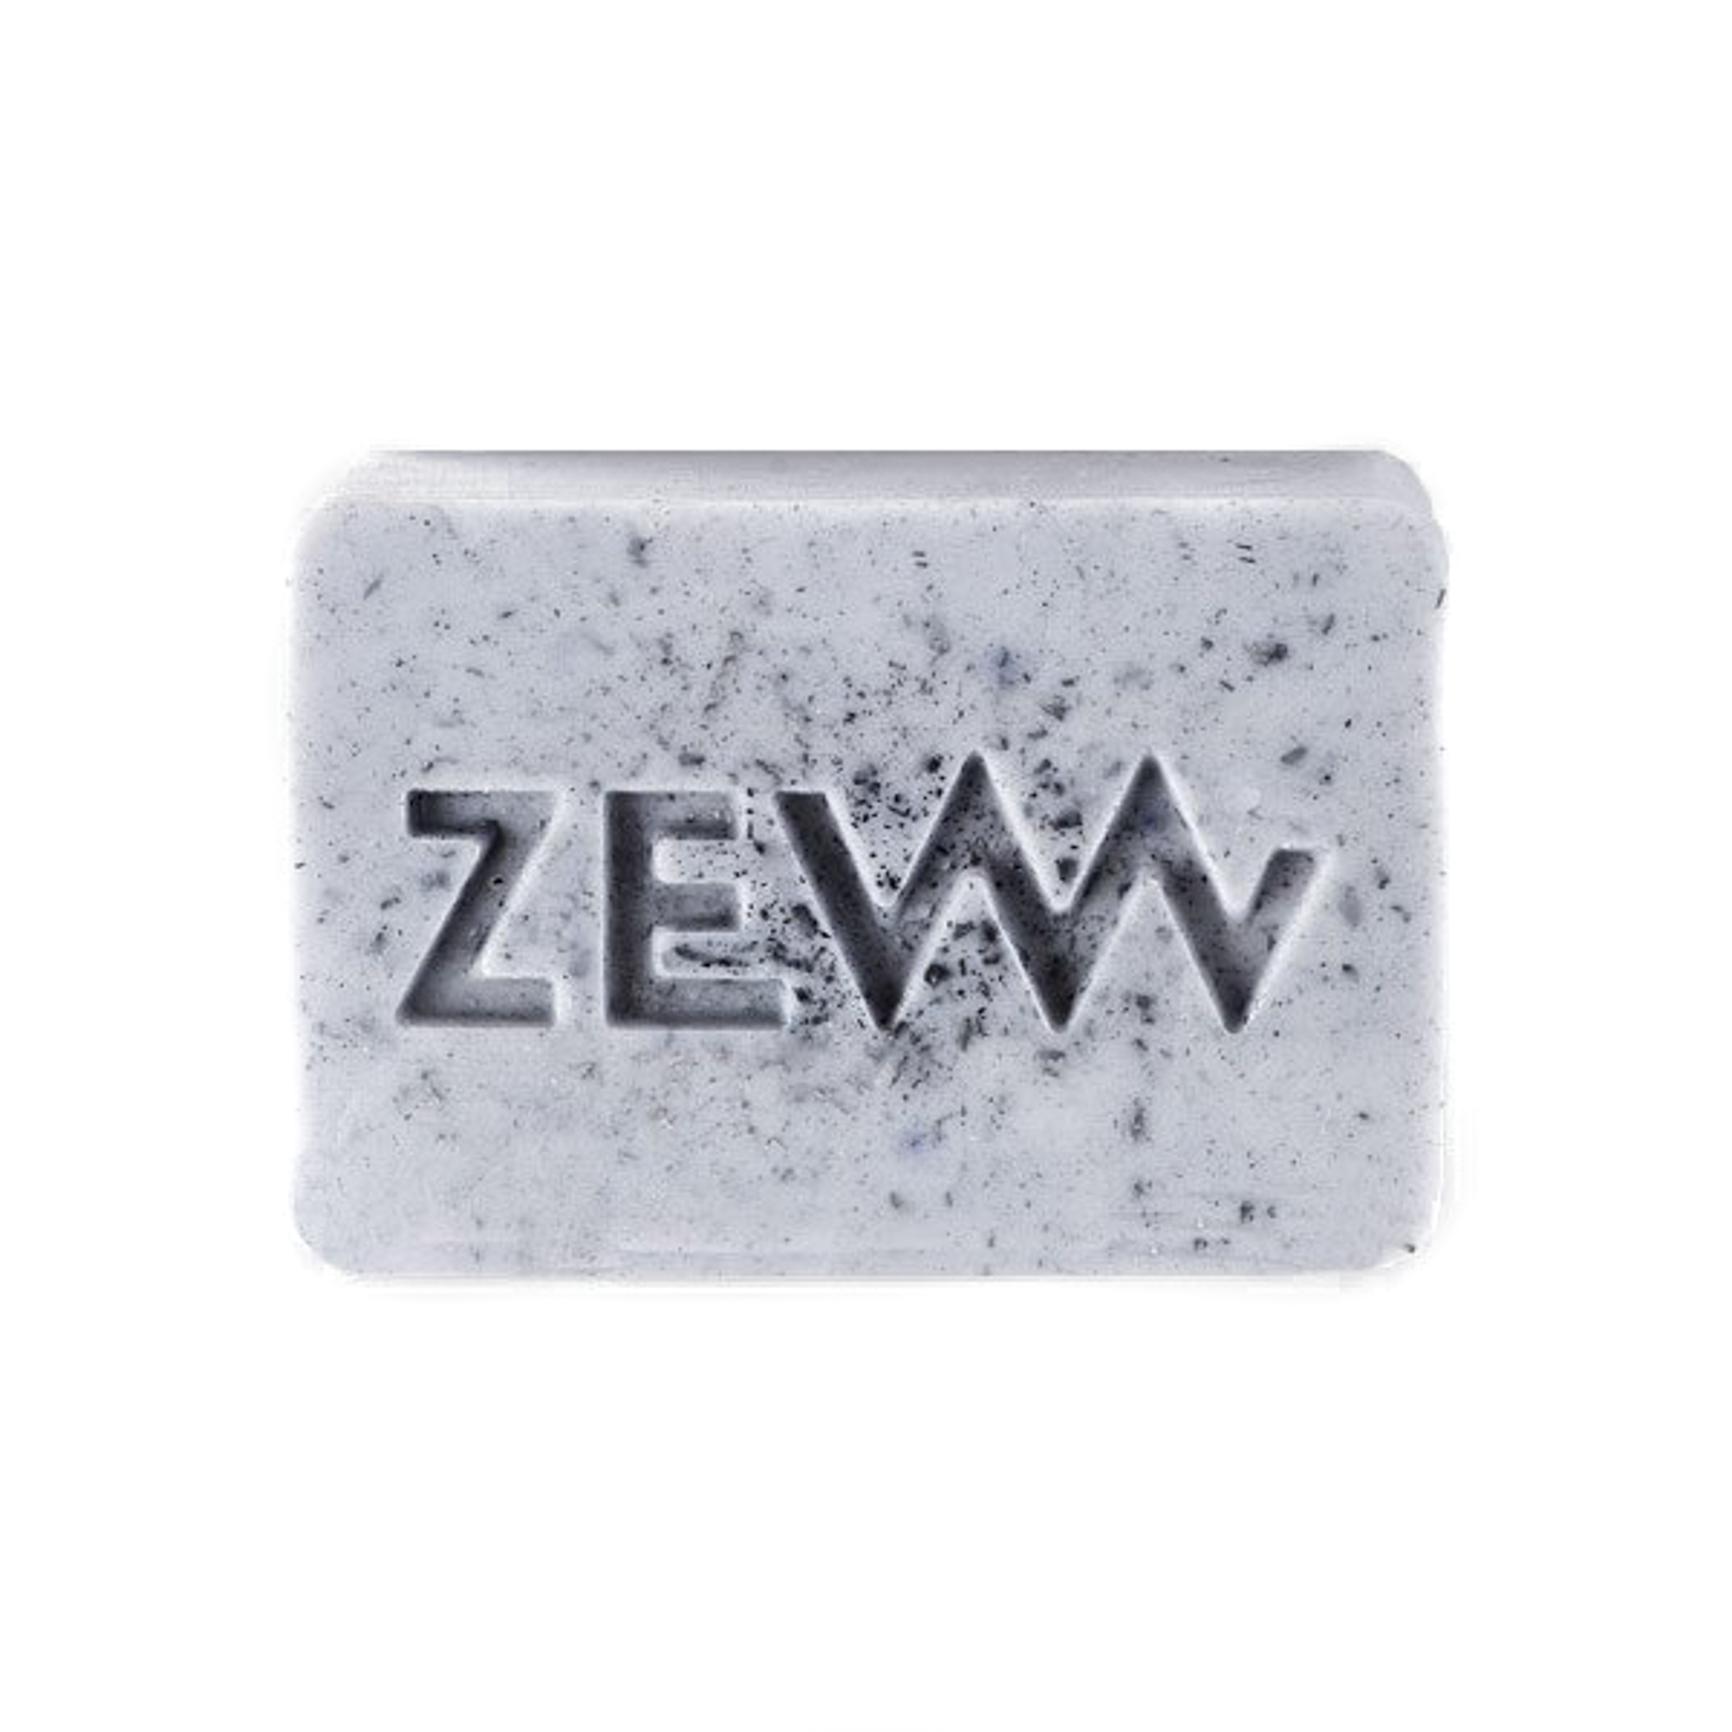 ZEW męski szampon w kostce do mycia włosów z węglem drzewnym 85ml